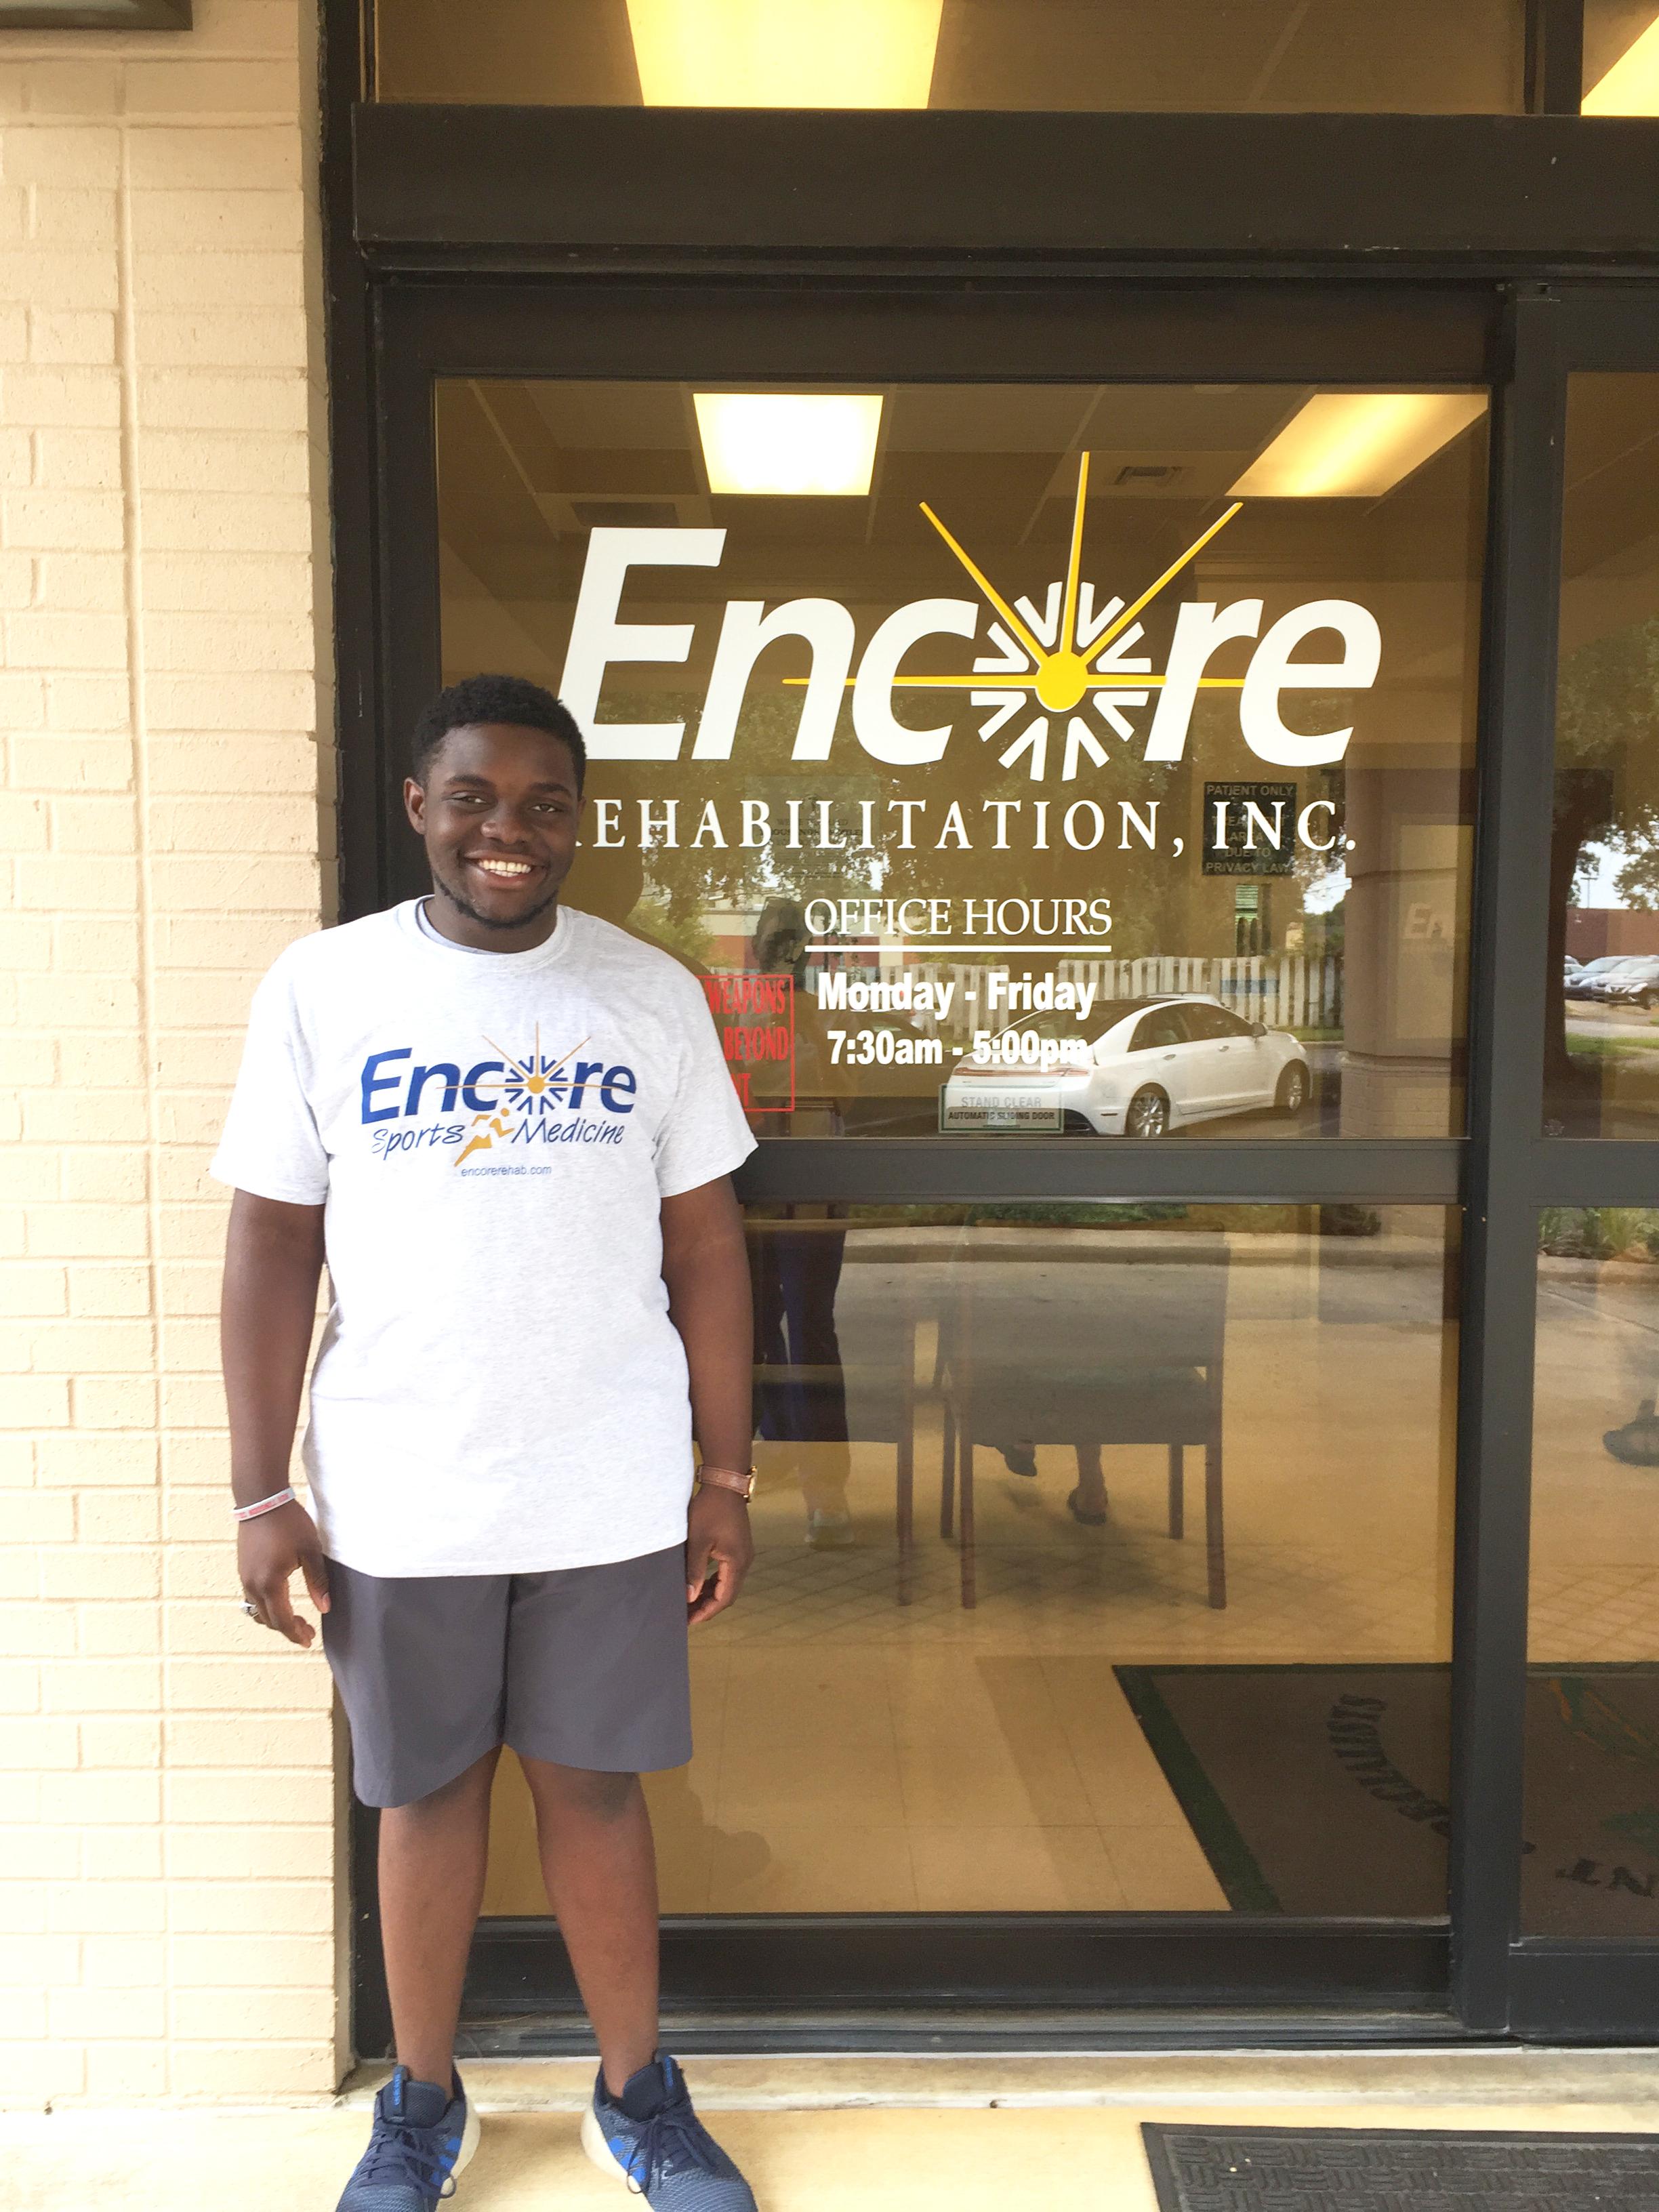 Dallas Luckett - Patient of the Month for Encore Rehabilitation-Enterprise